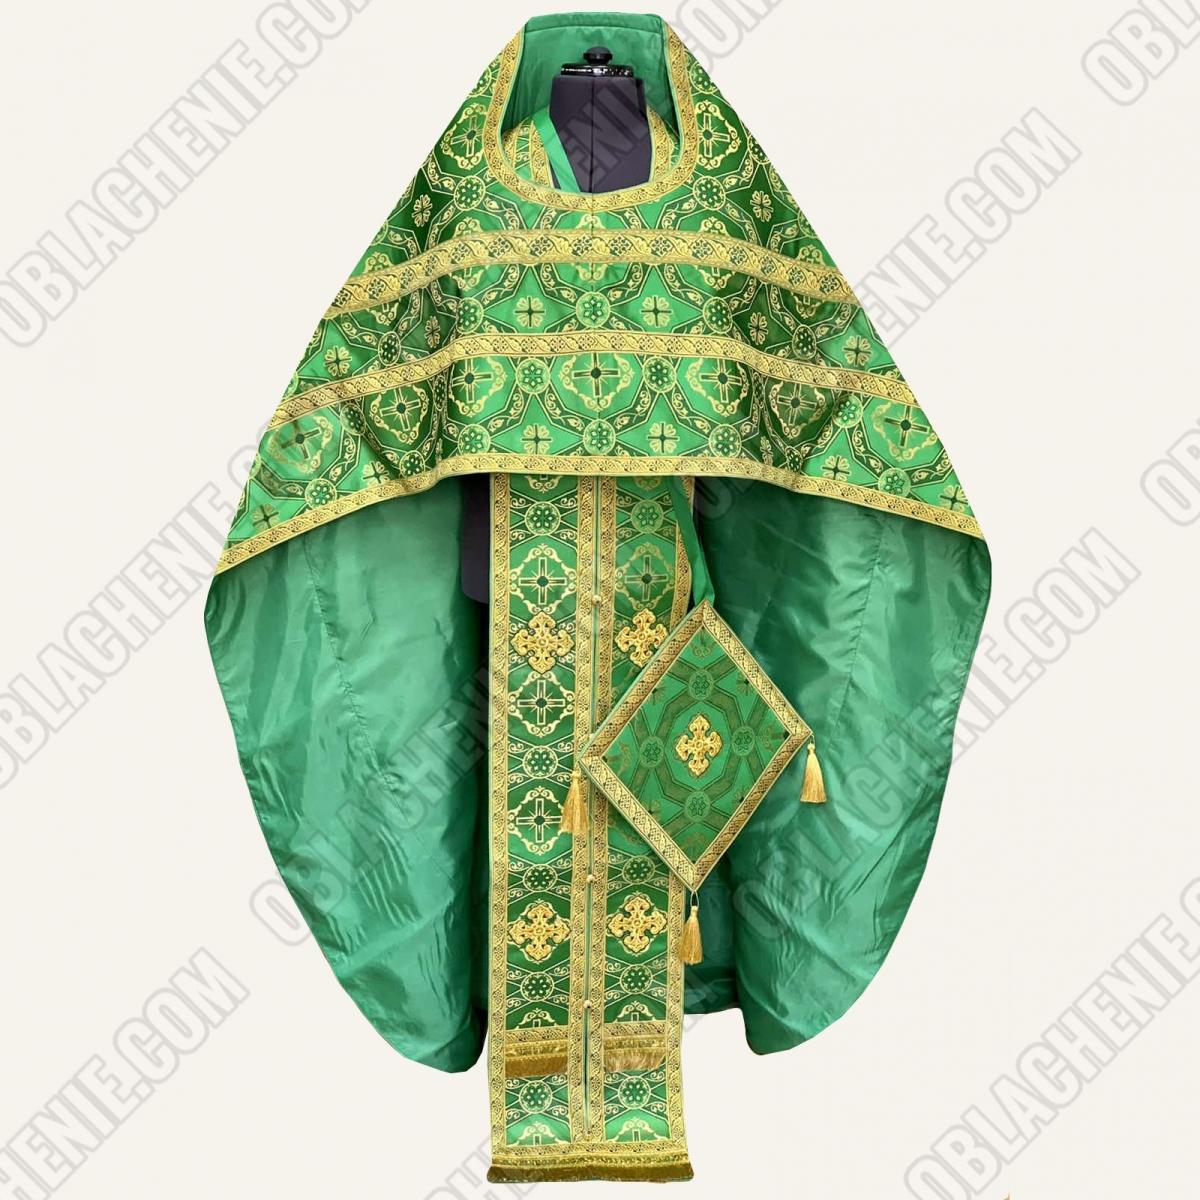 PRIEST'S VESTMENTS 11581